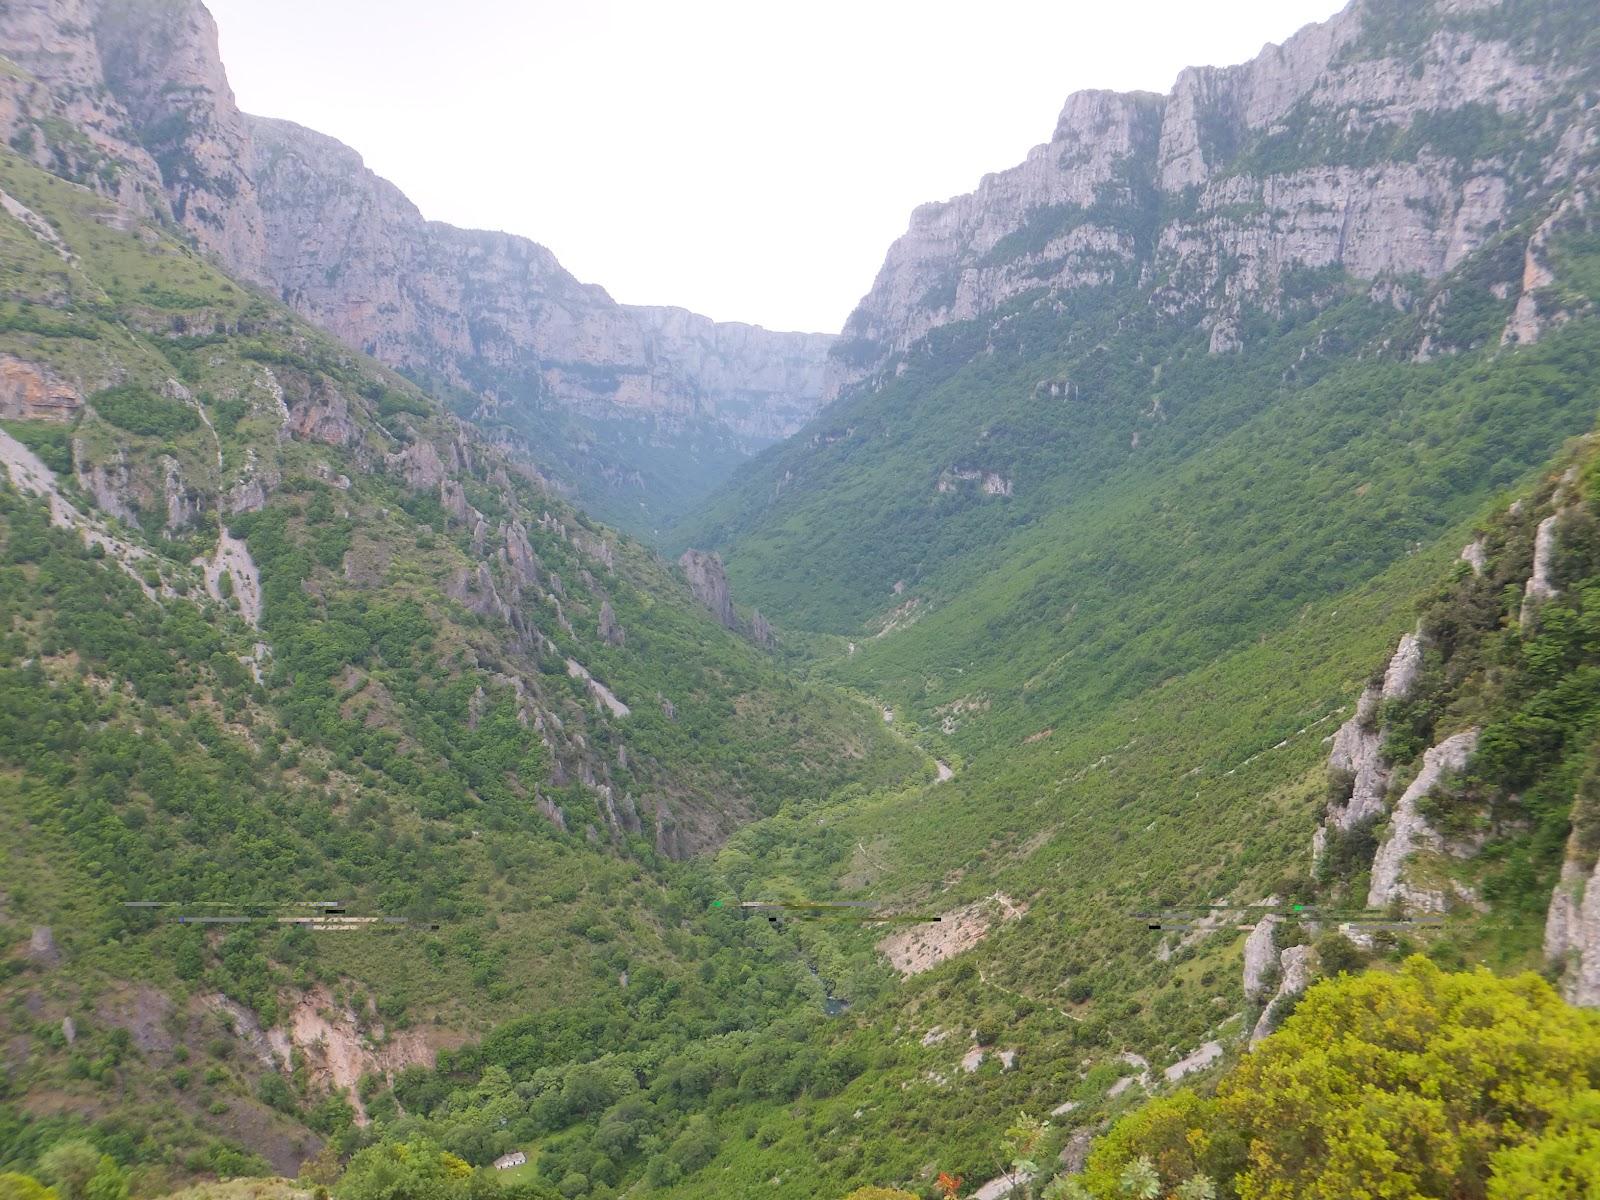 The Zagorochoria In The Pindhos Mountains, Epirus, Greece